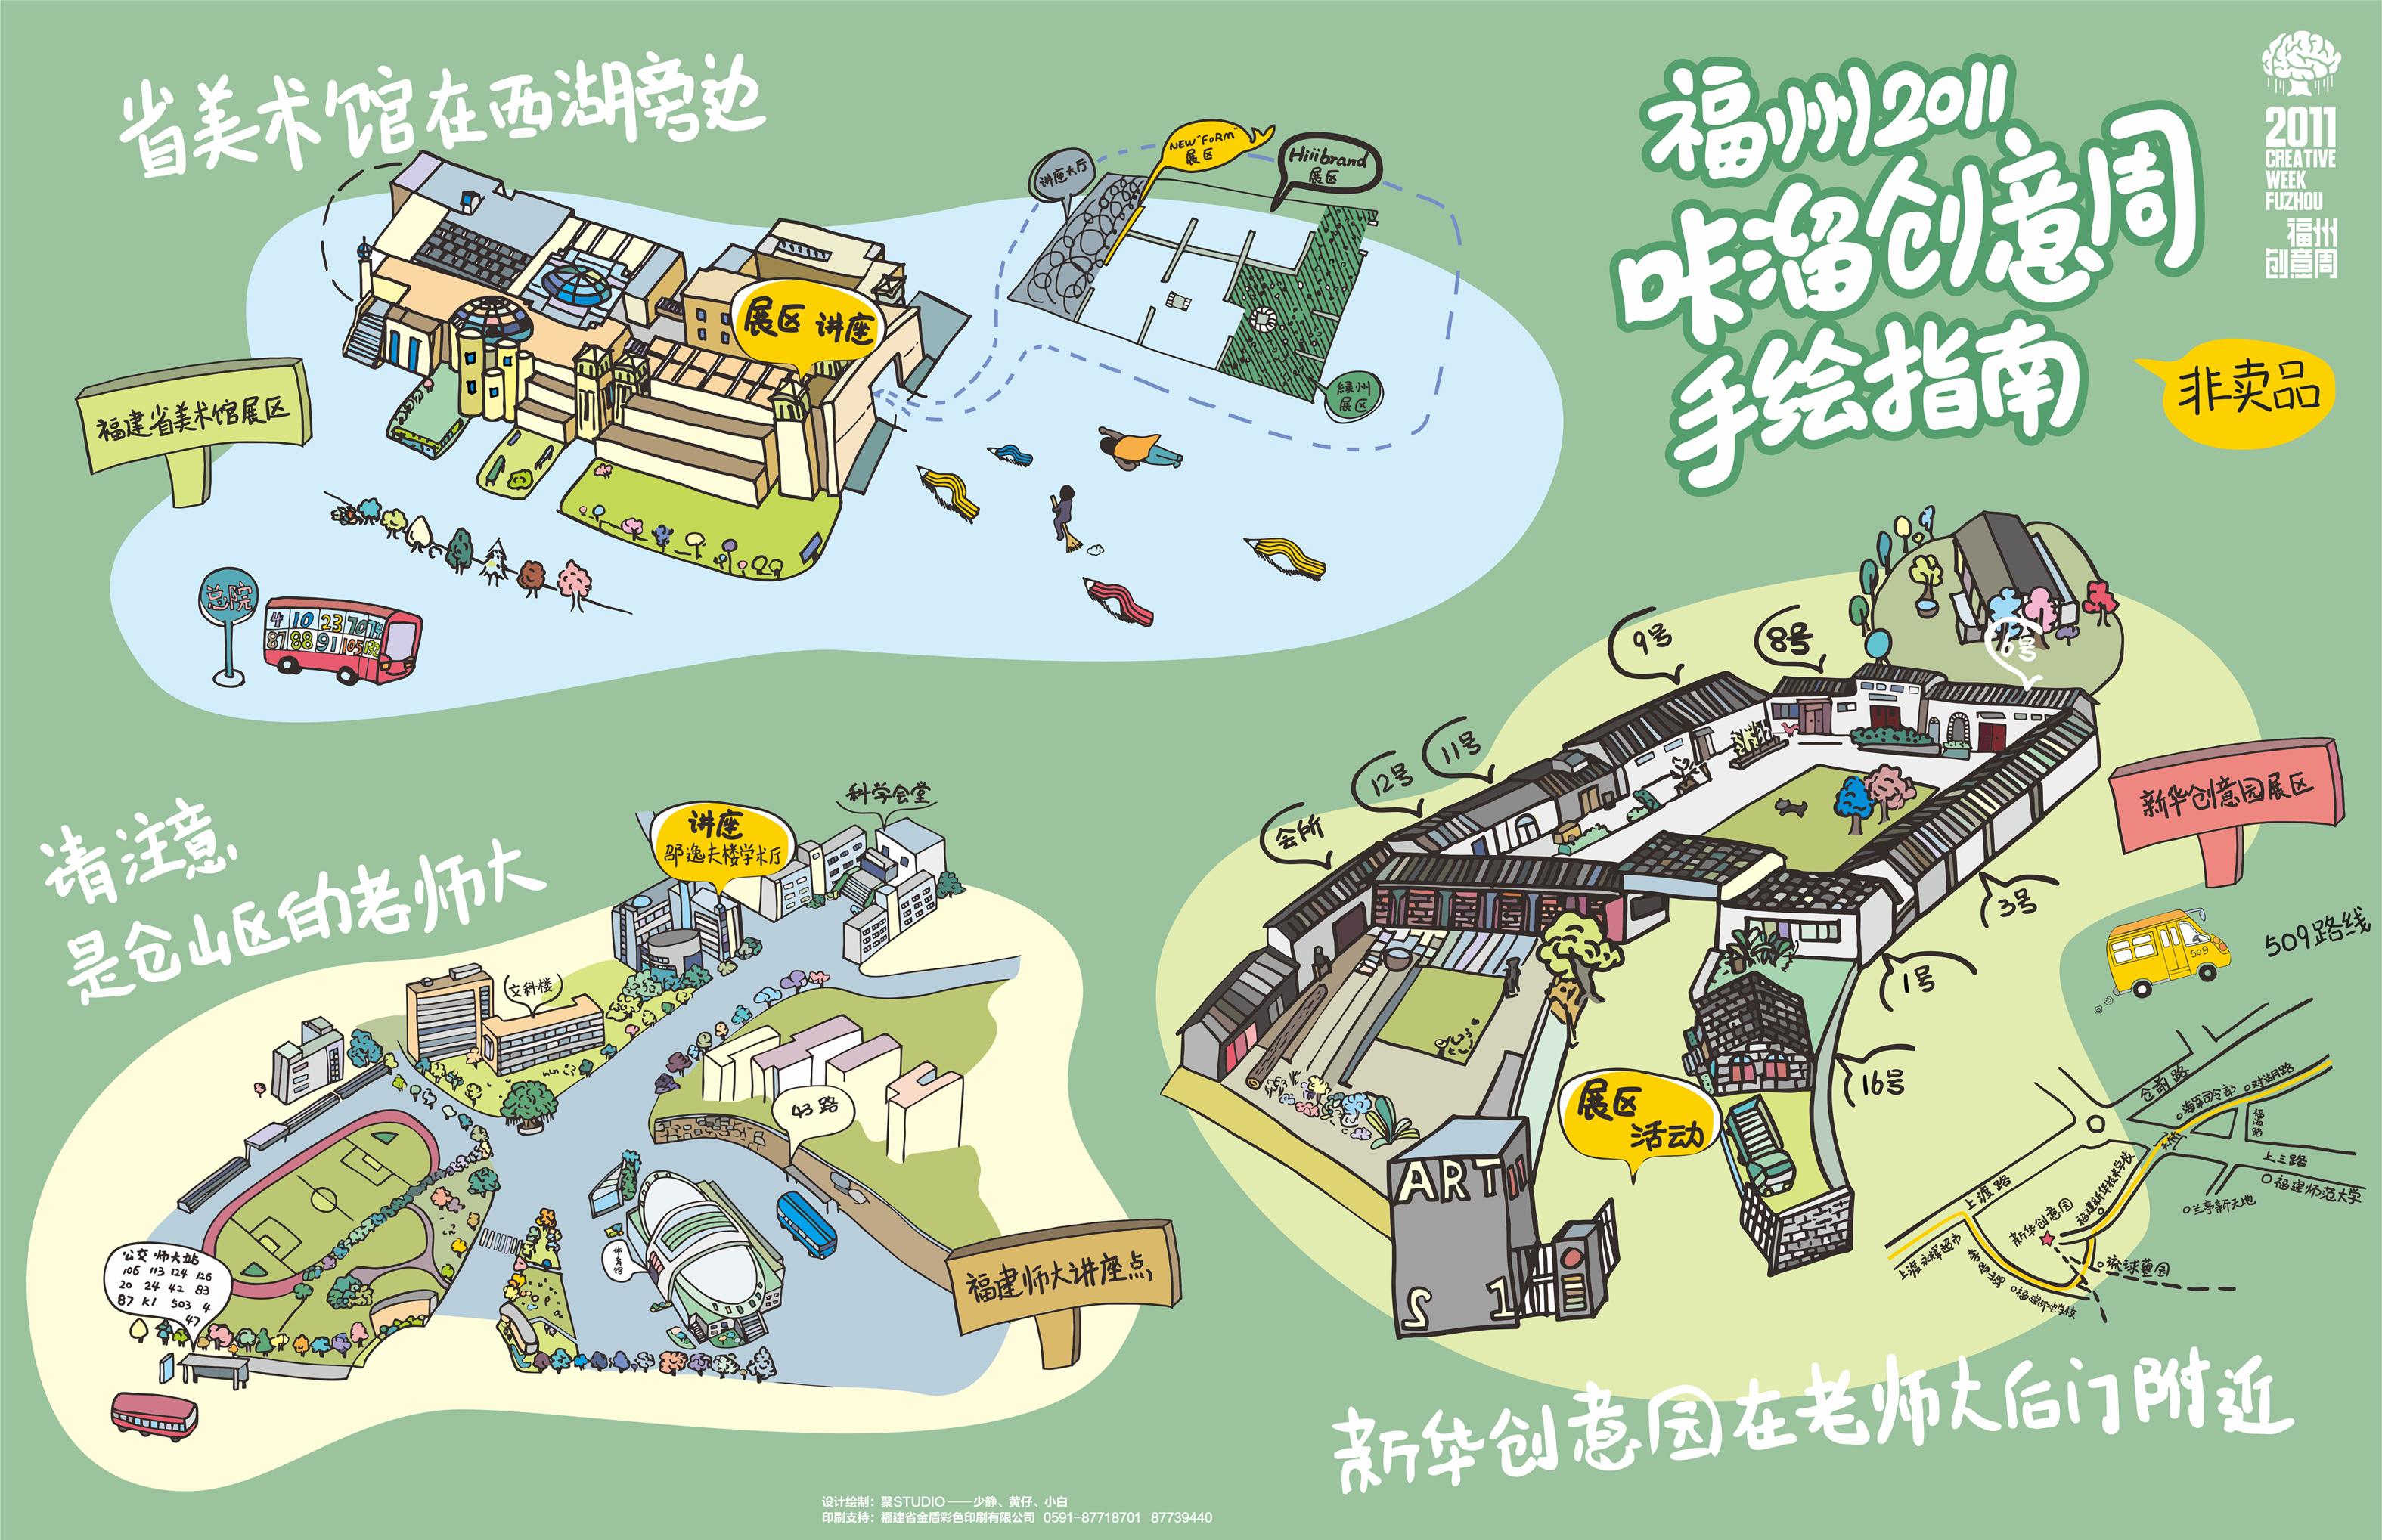 2011福州创意周手绘地图|插画|涂鸦/潮流|joyida